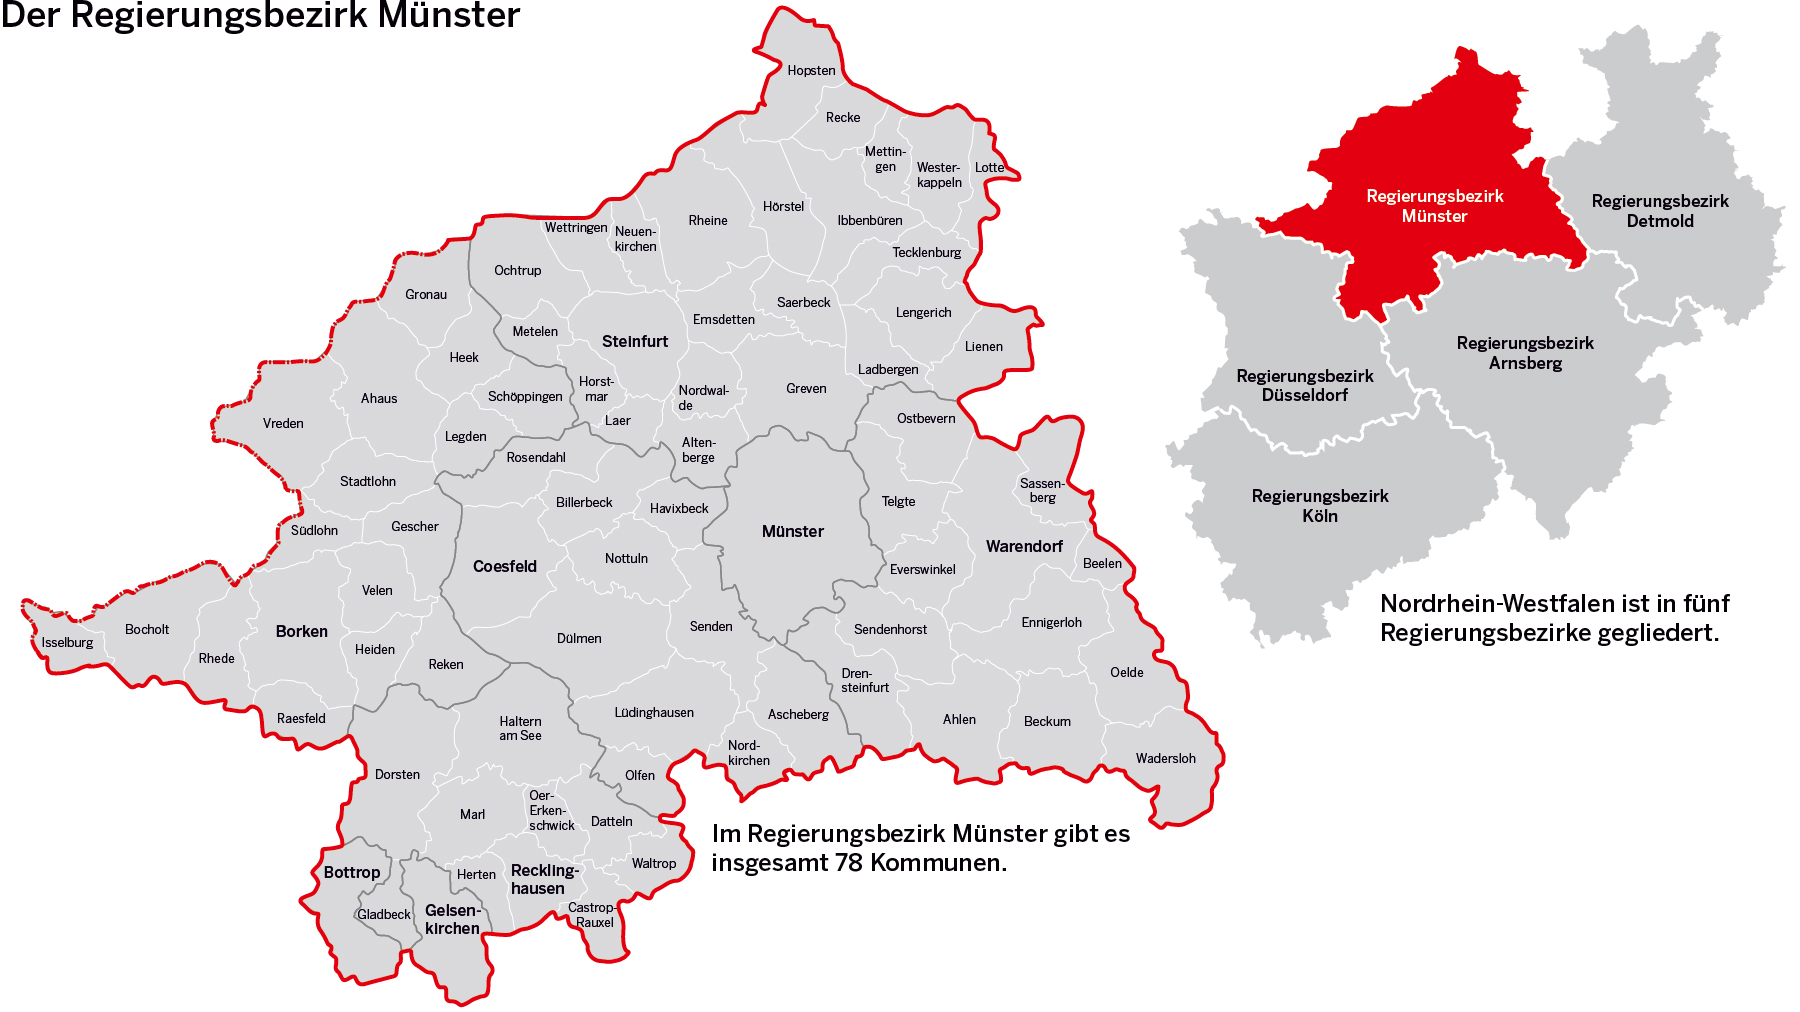 Karte Ruhrgebiet Städte.Bezirksregierung Münster Der Regierungsbezirk Münster